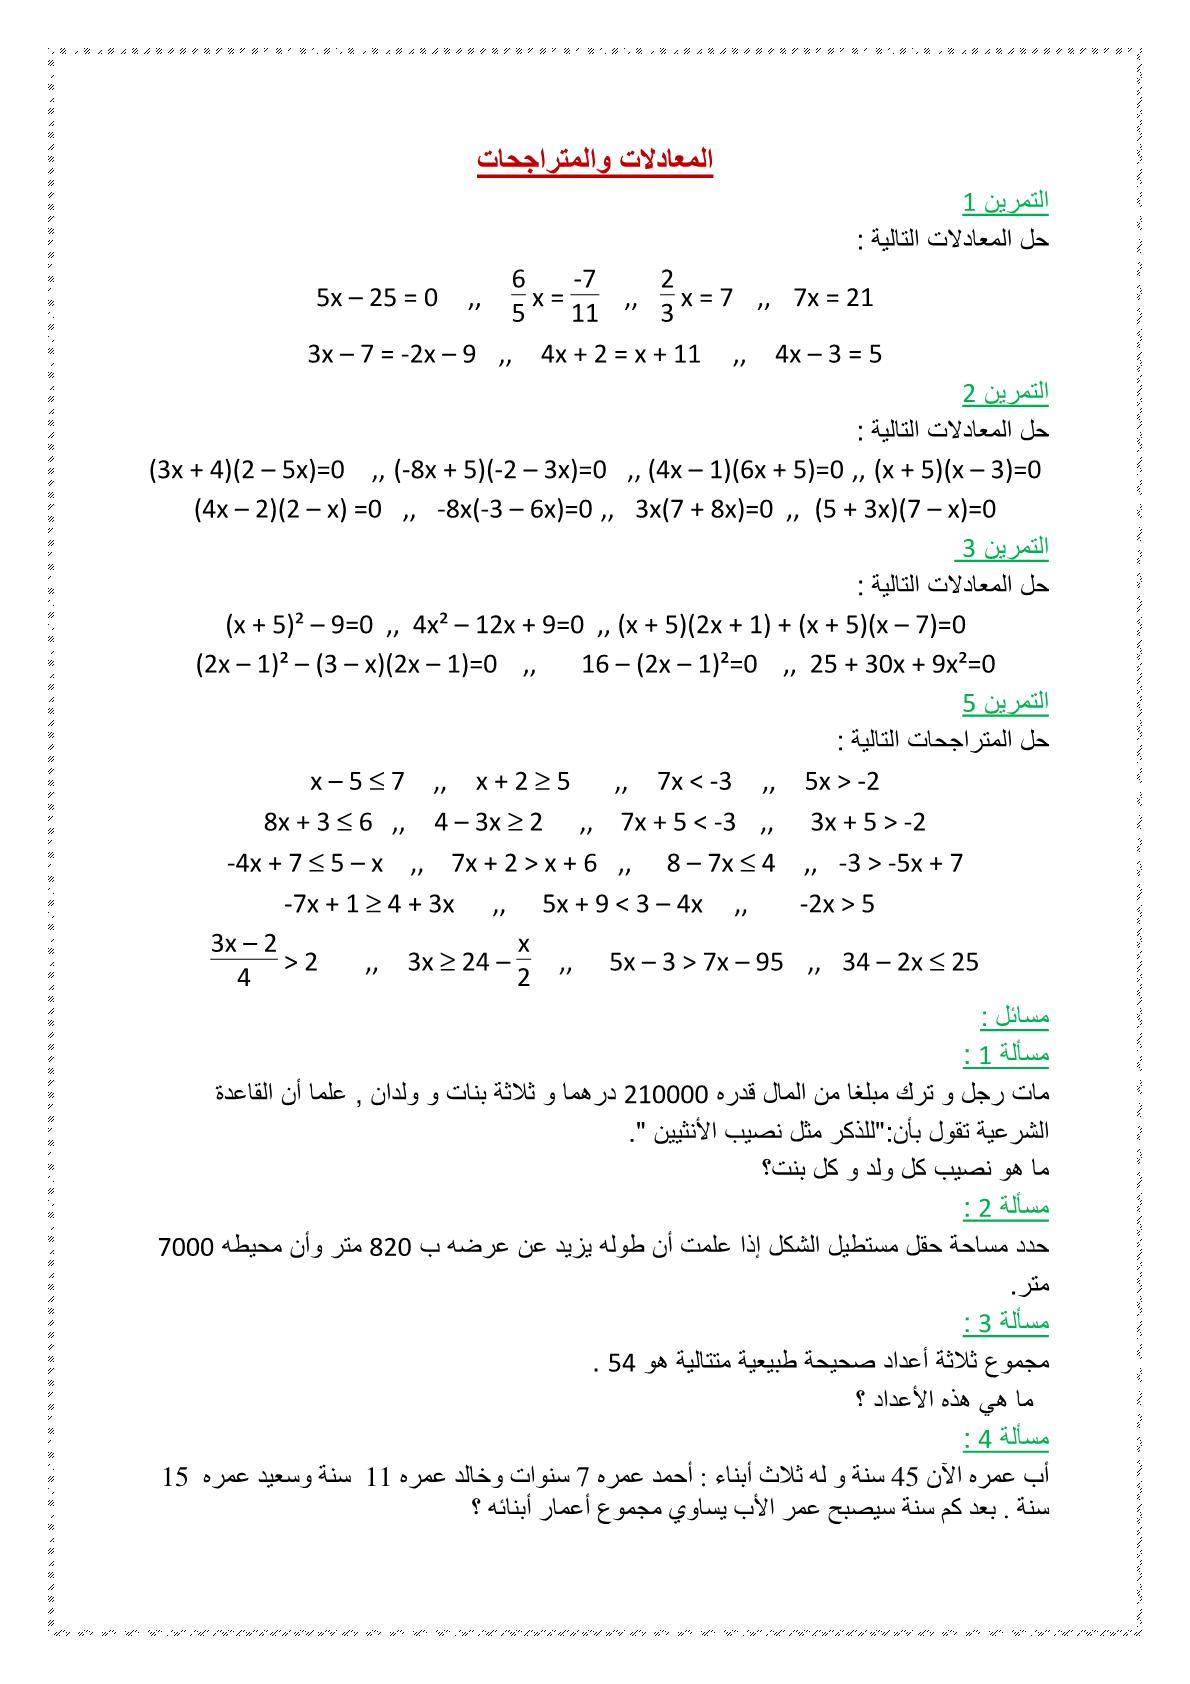 تمارين حول المعادلات والمتراجحات للسنة الثالثة إعدادي